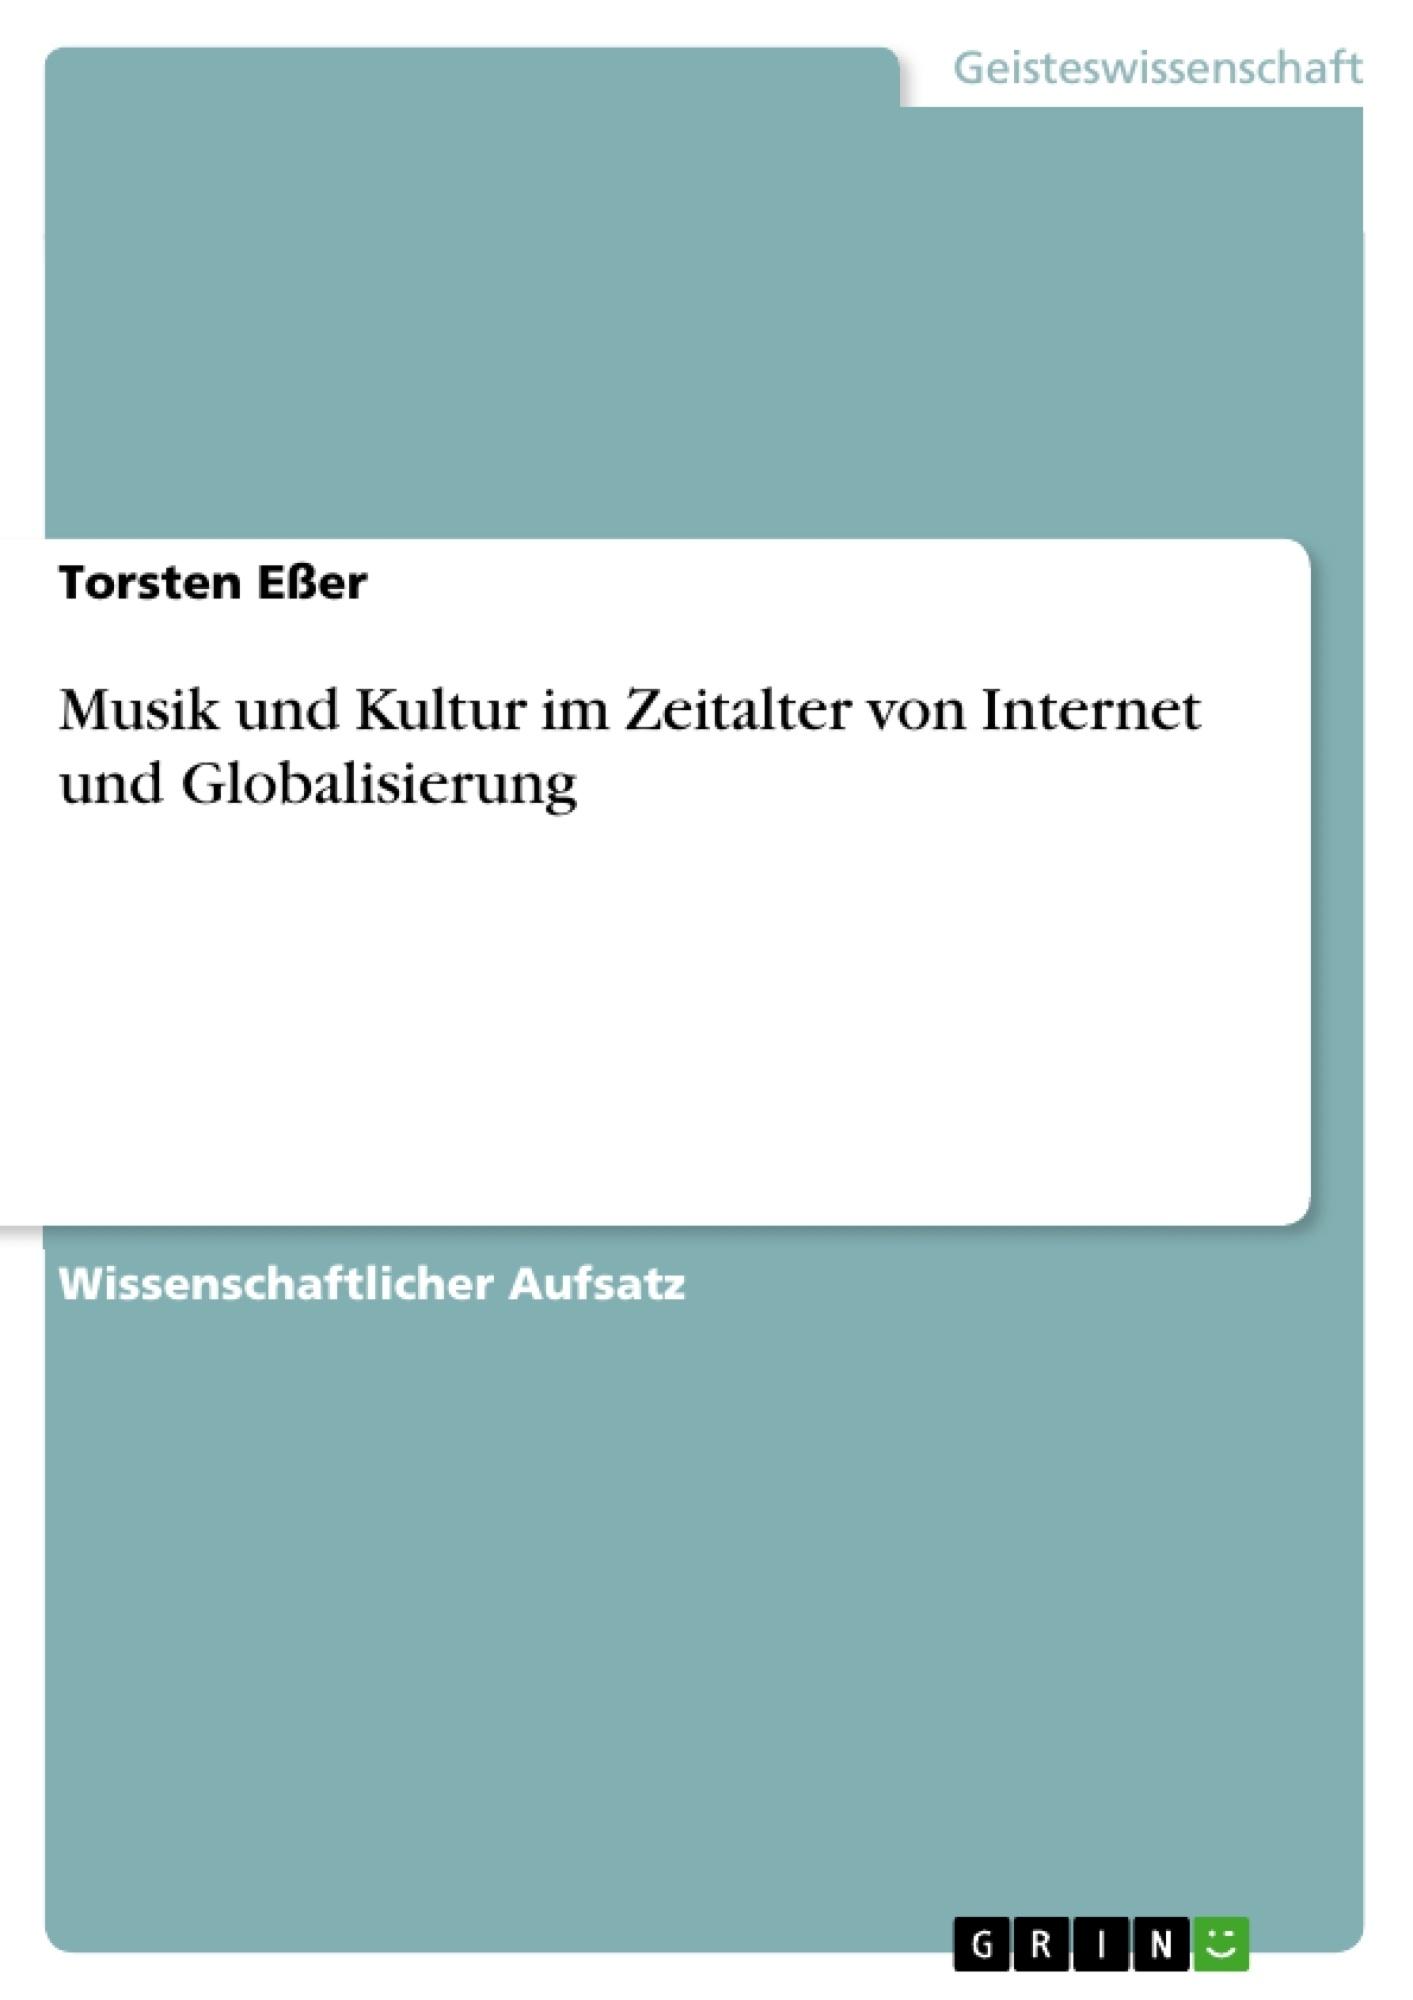 Titel: Musik und Kultur im Zeitalter von Internet und Globalisierung